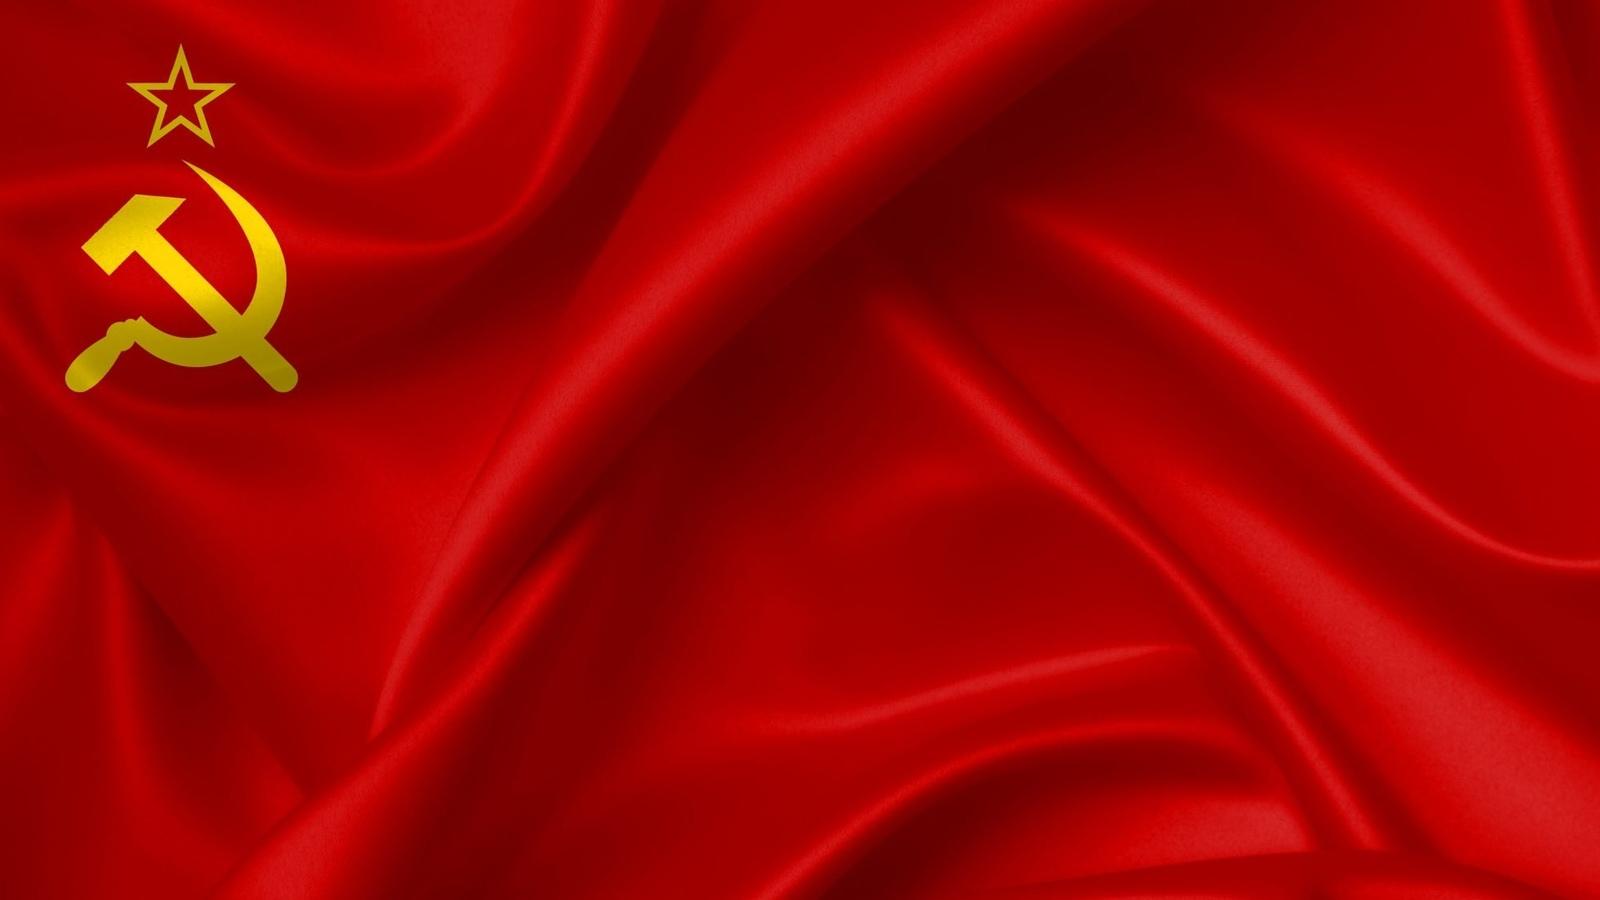 8 апреля — день Красного флага России. Как менялся его дизайн с 1918 года